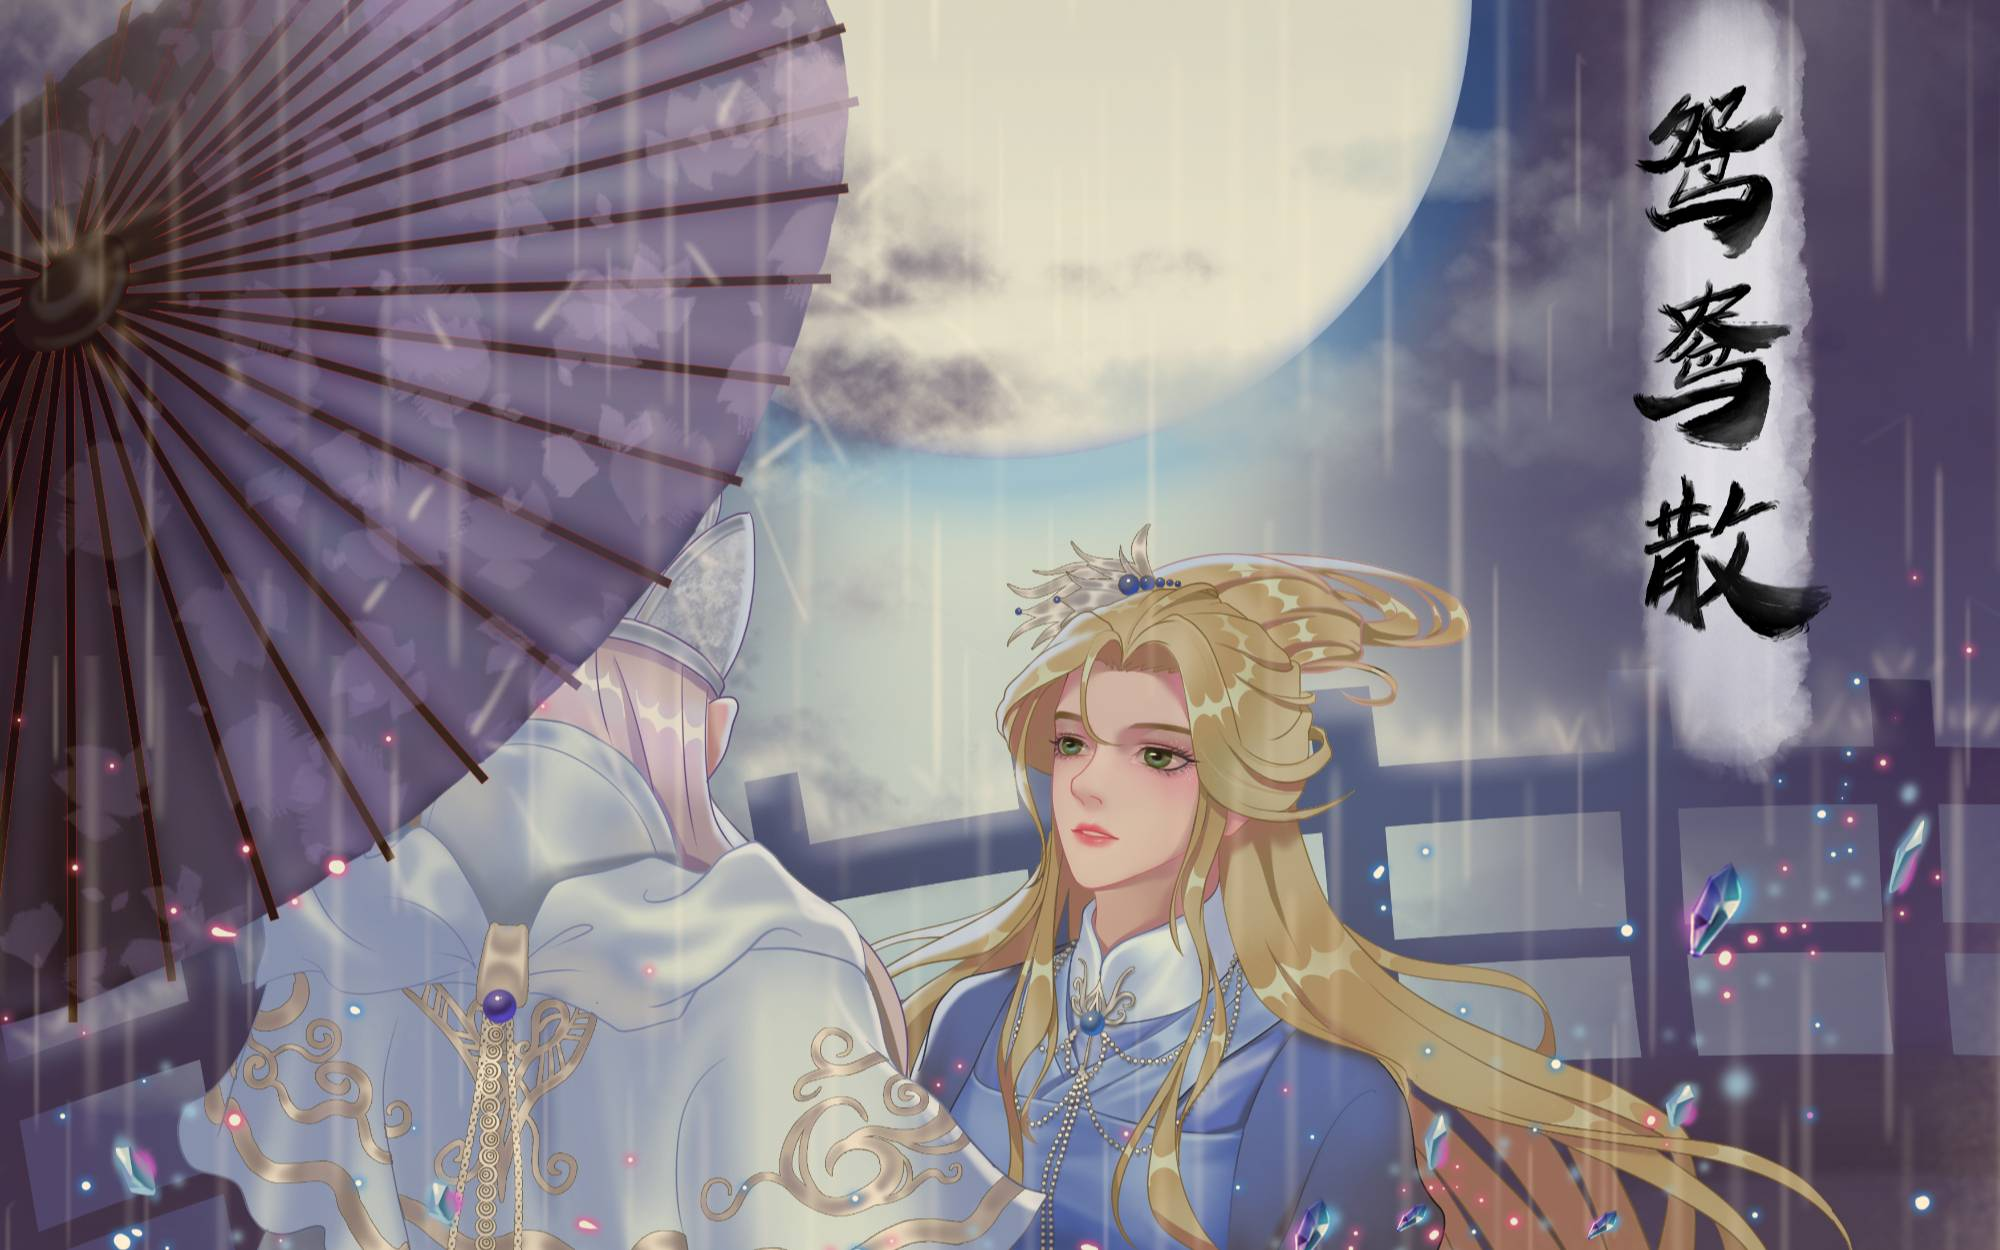 【若白】金光布袋戏——《鸳鸯散》翻唱